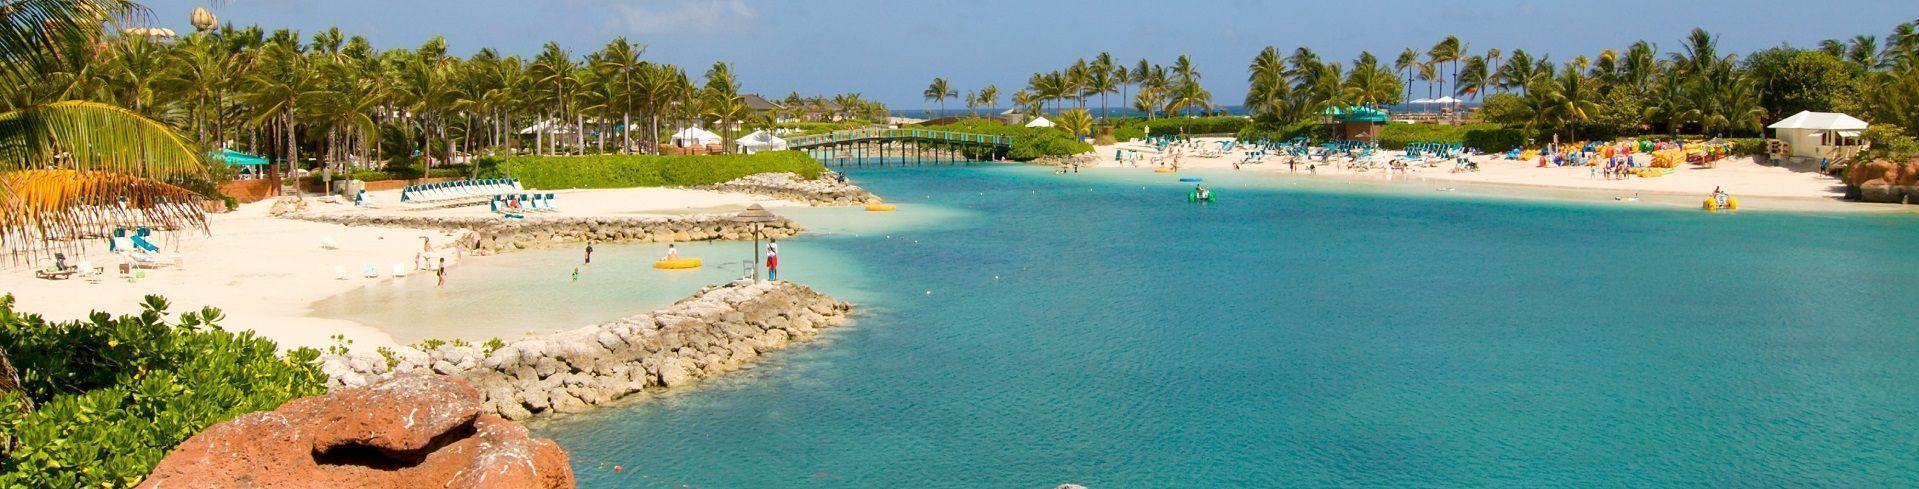 שייט לפורטו ריקו ודרום האיים הקריביים